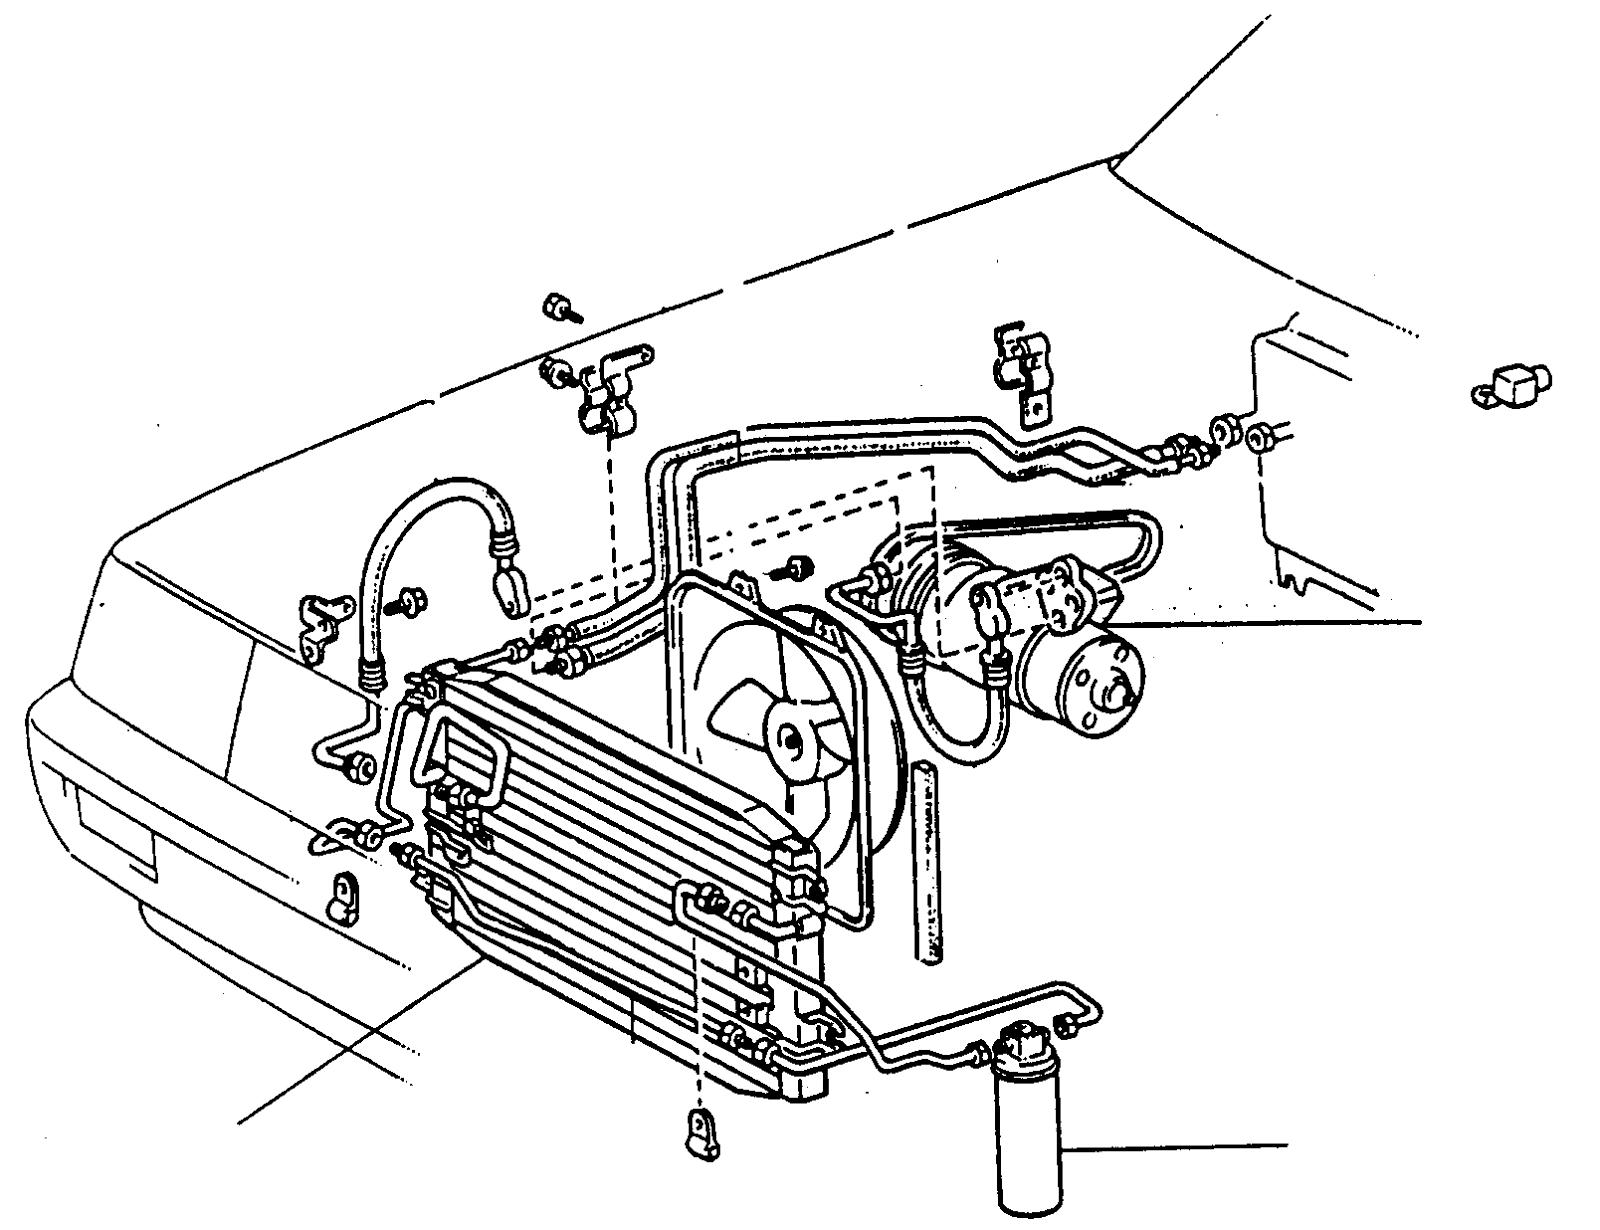 Fungsi dan Pengertian Air Conditioner (AC) pada Mobil